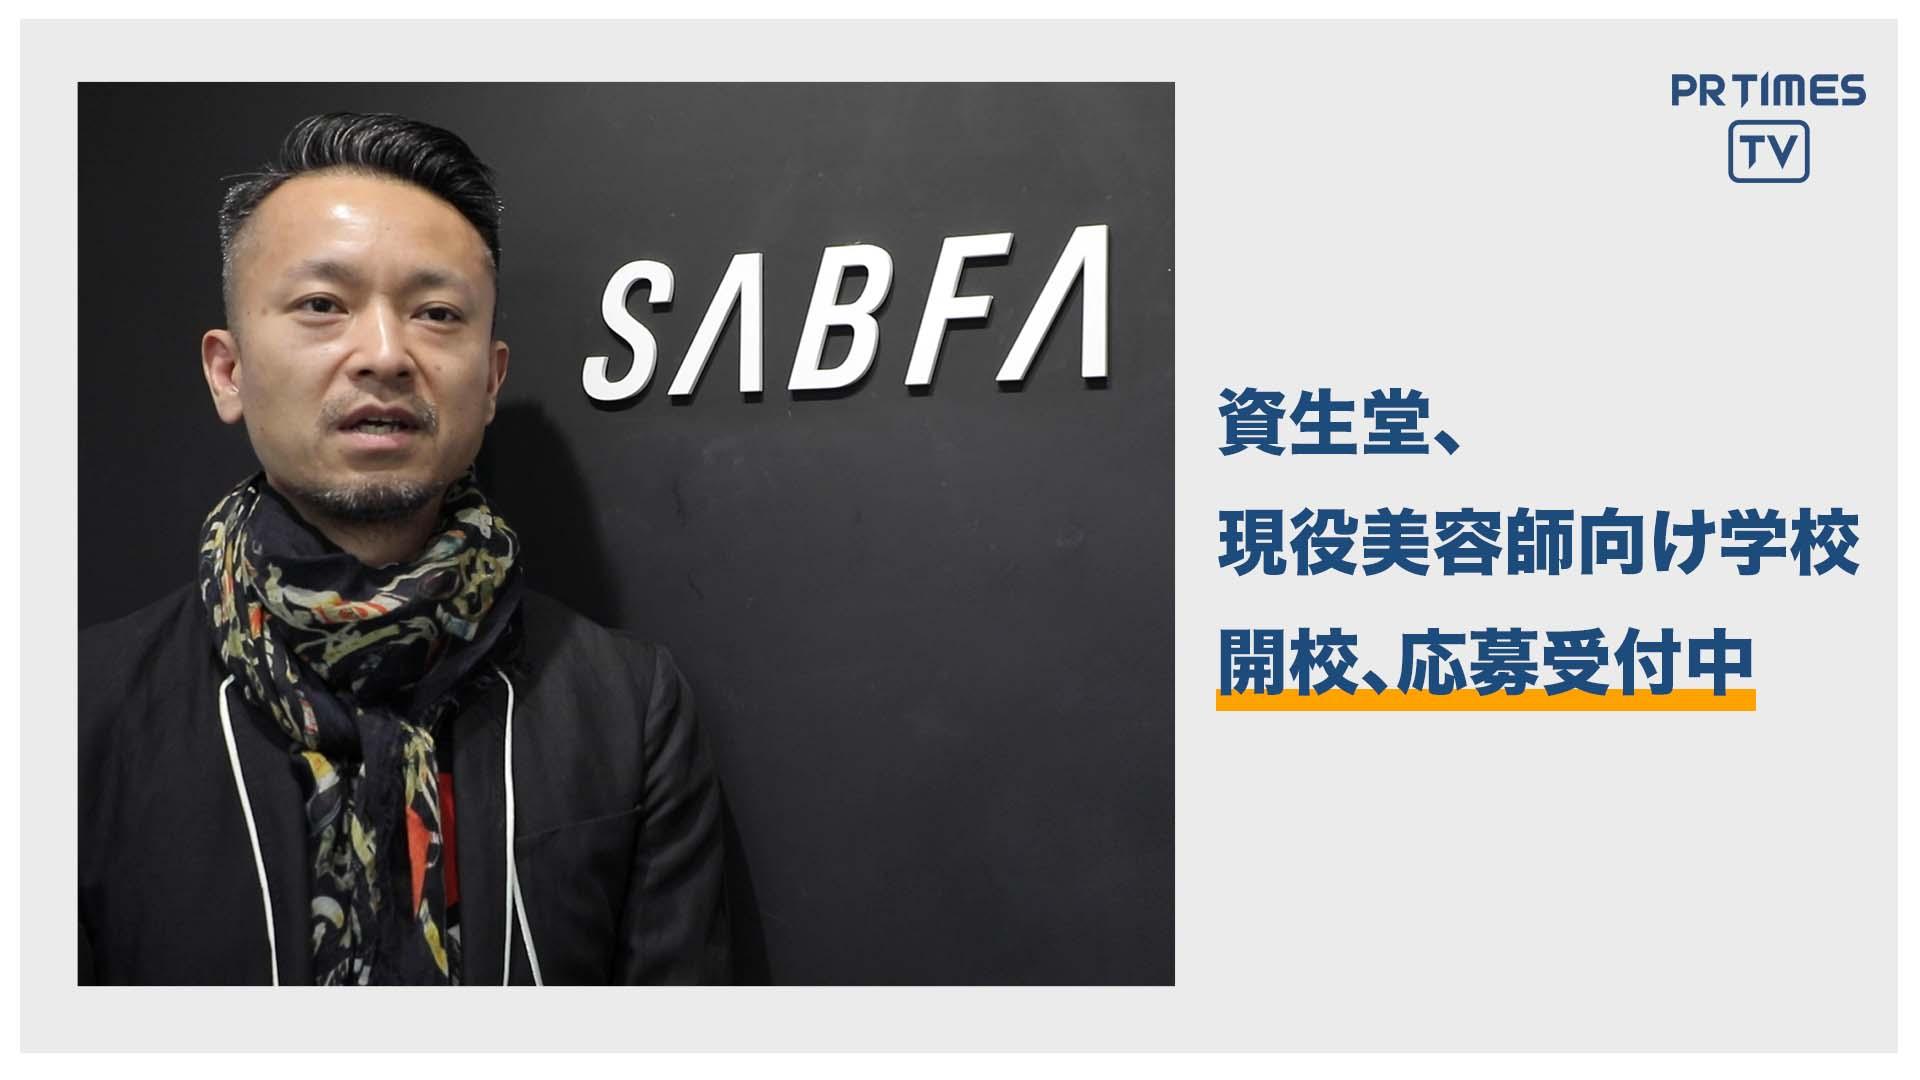 資生堂が運営する国内唯一のアカデミー「SABFA」が原宿駅前に開校